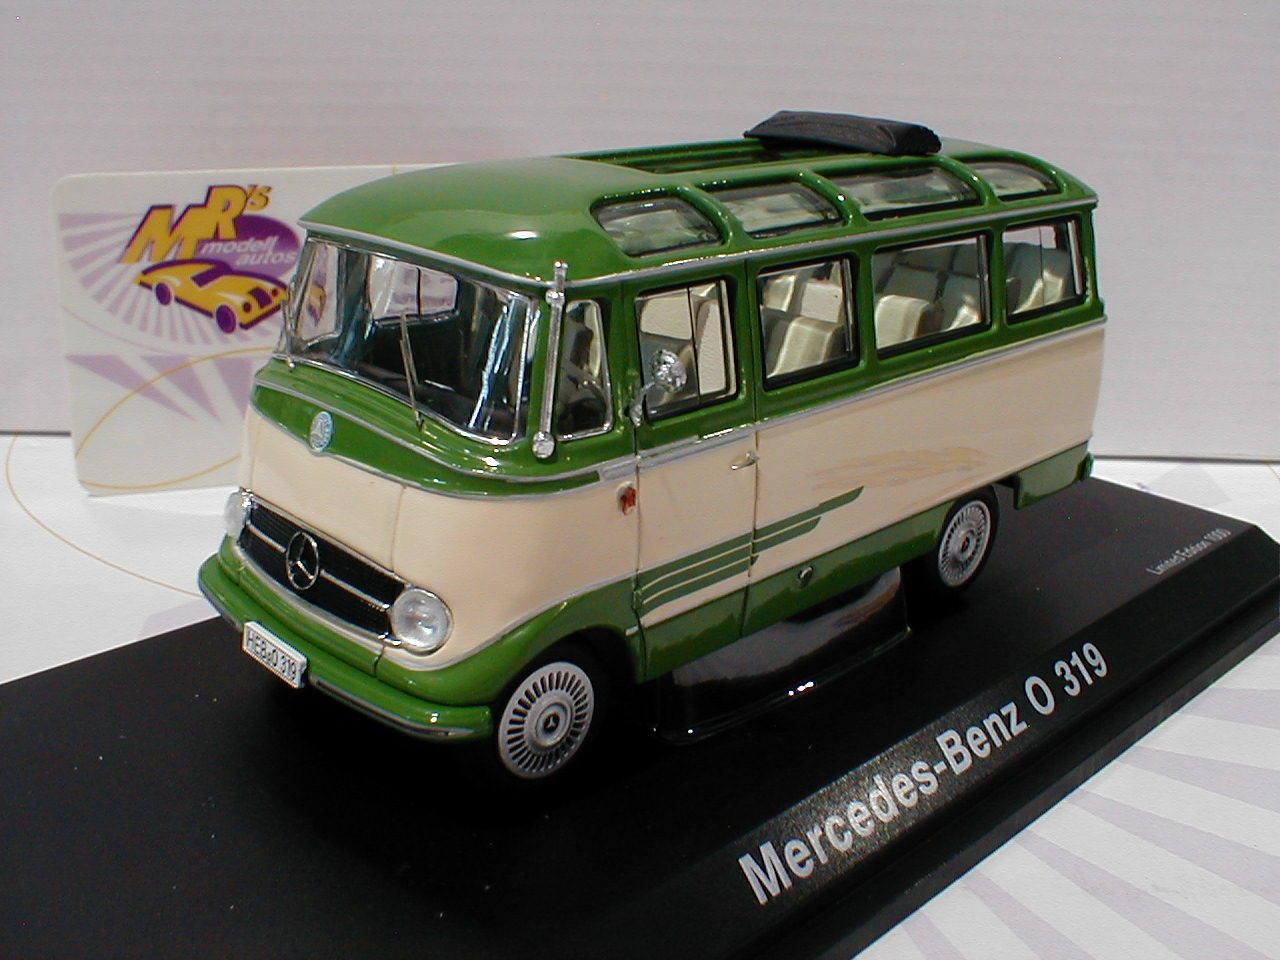 Schuco 02917   Mercedes-Benz O319 Baujahr 1967 in in in   grün-cremweiß   1 43 NEU  | Neue Produkte im Jahr 2019  0eb6ff